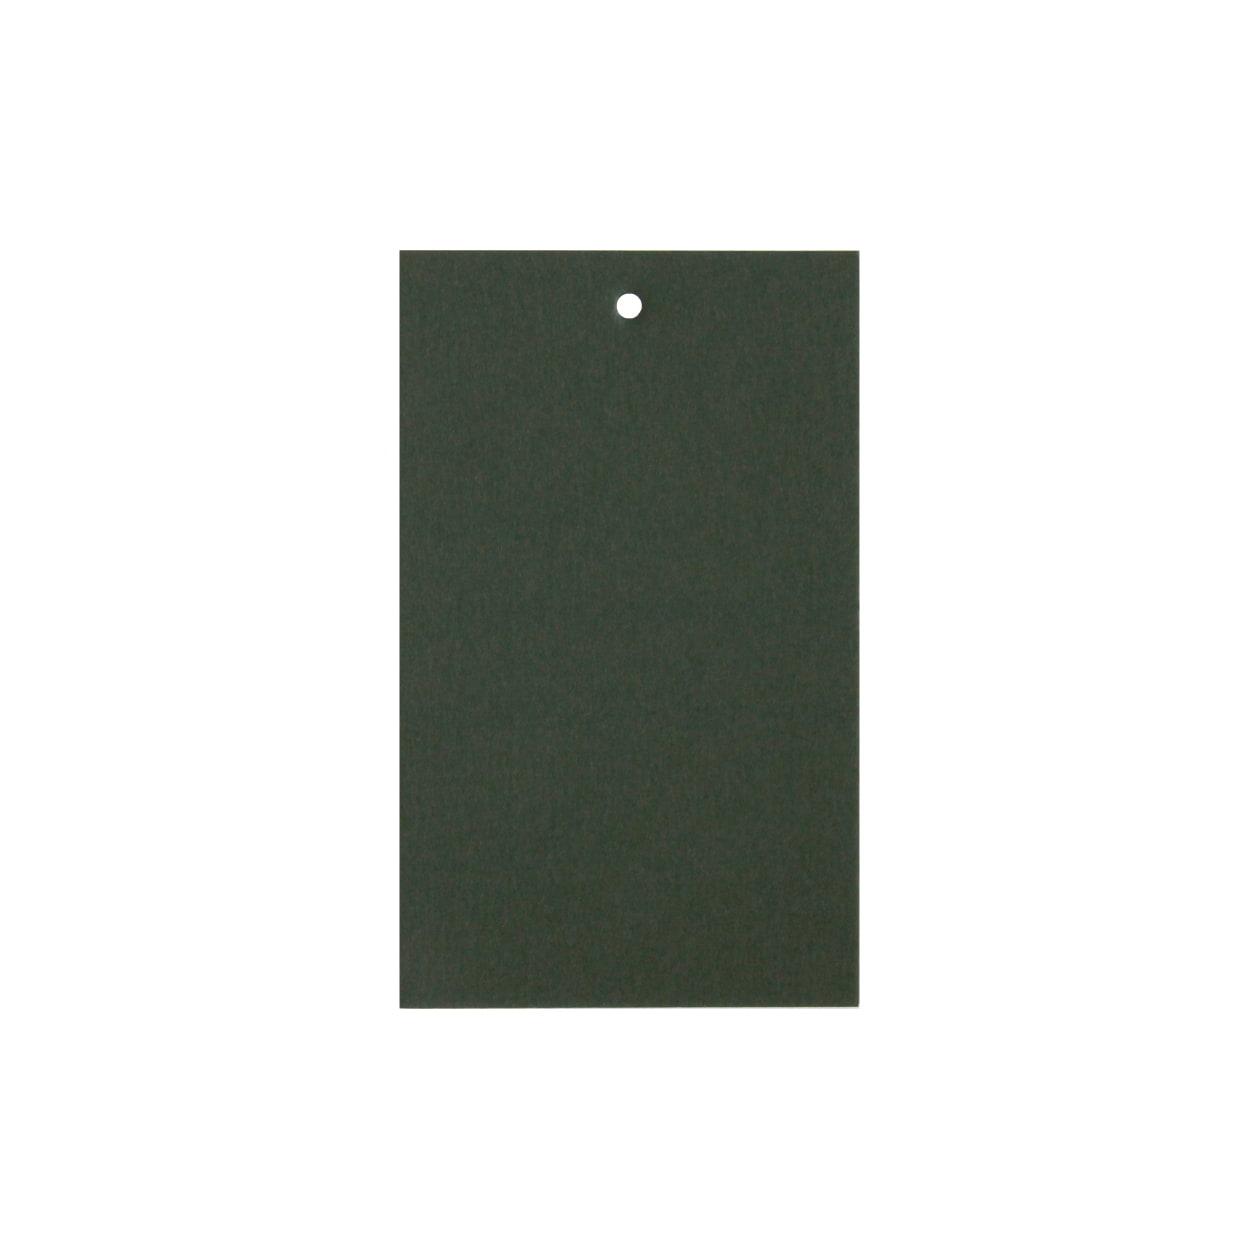 サンプル カード・シート 00062